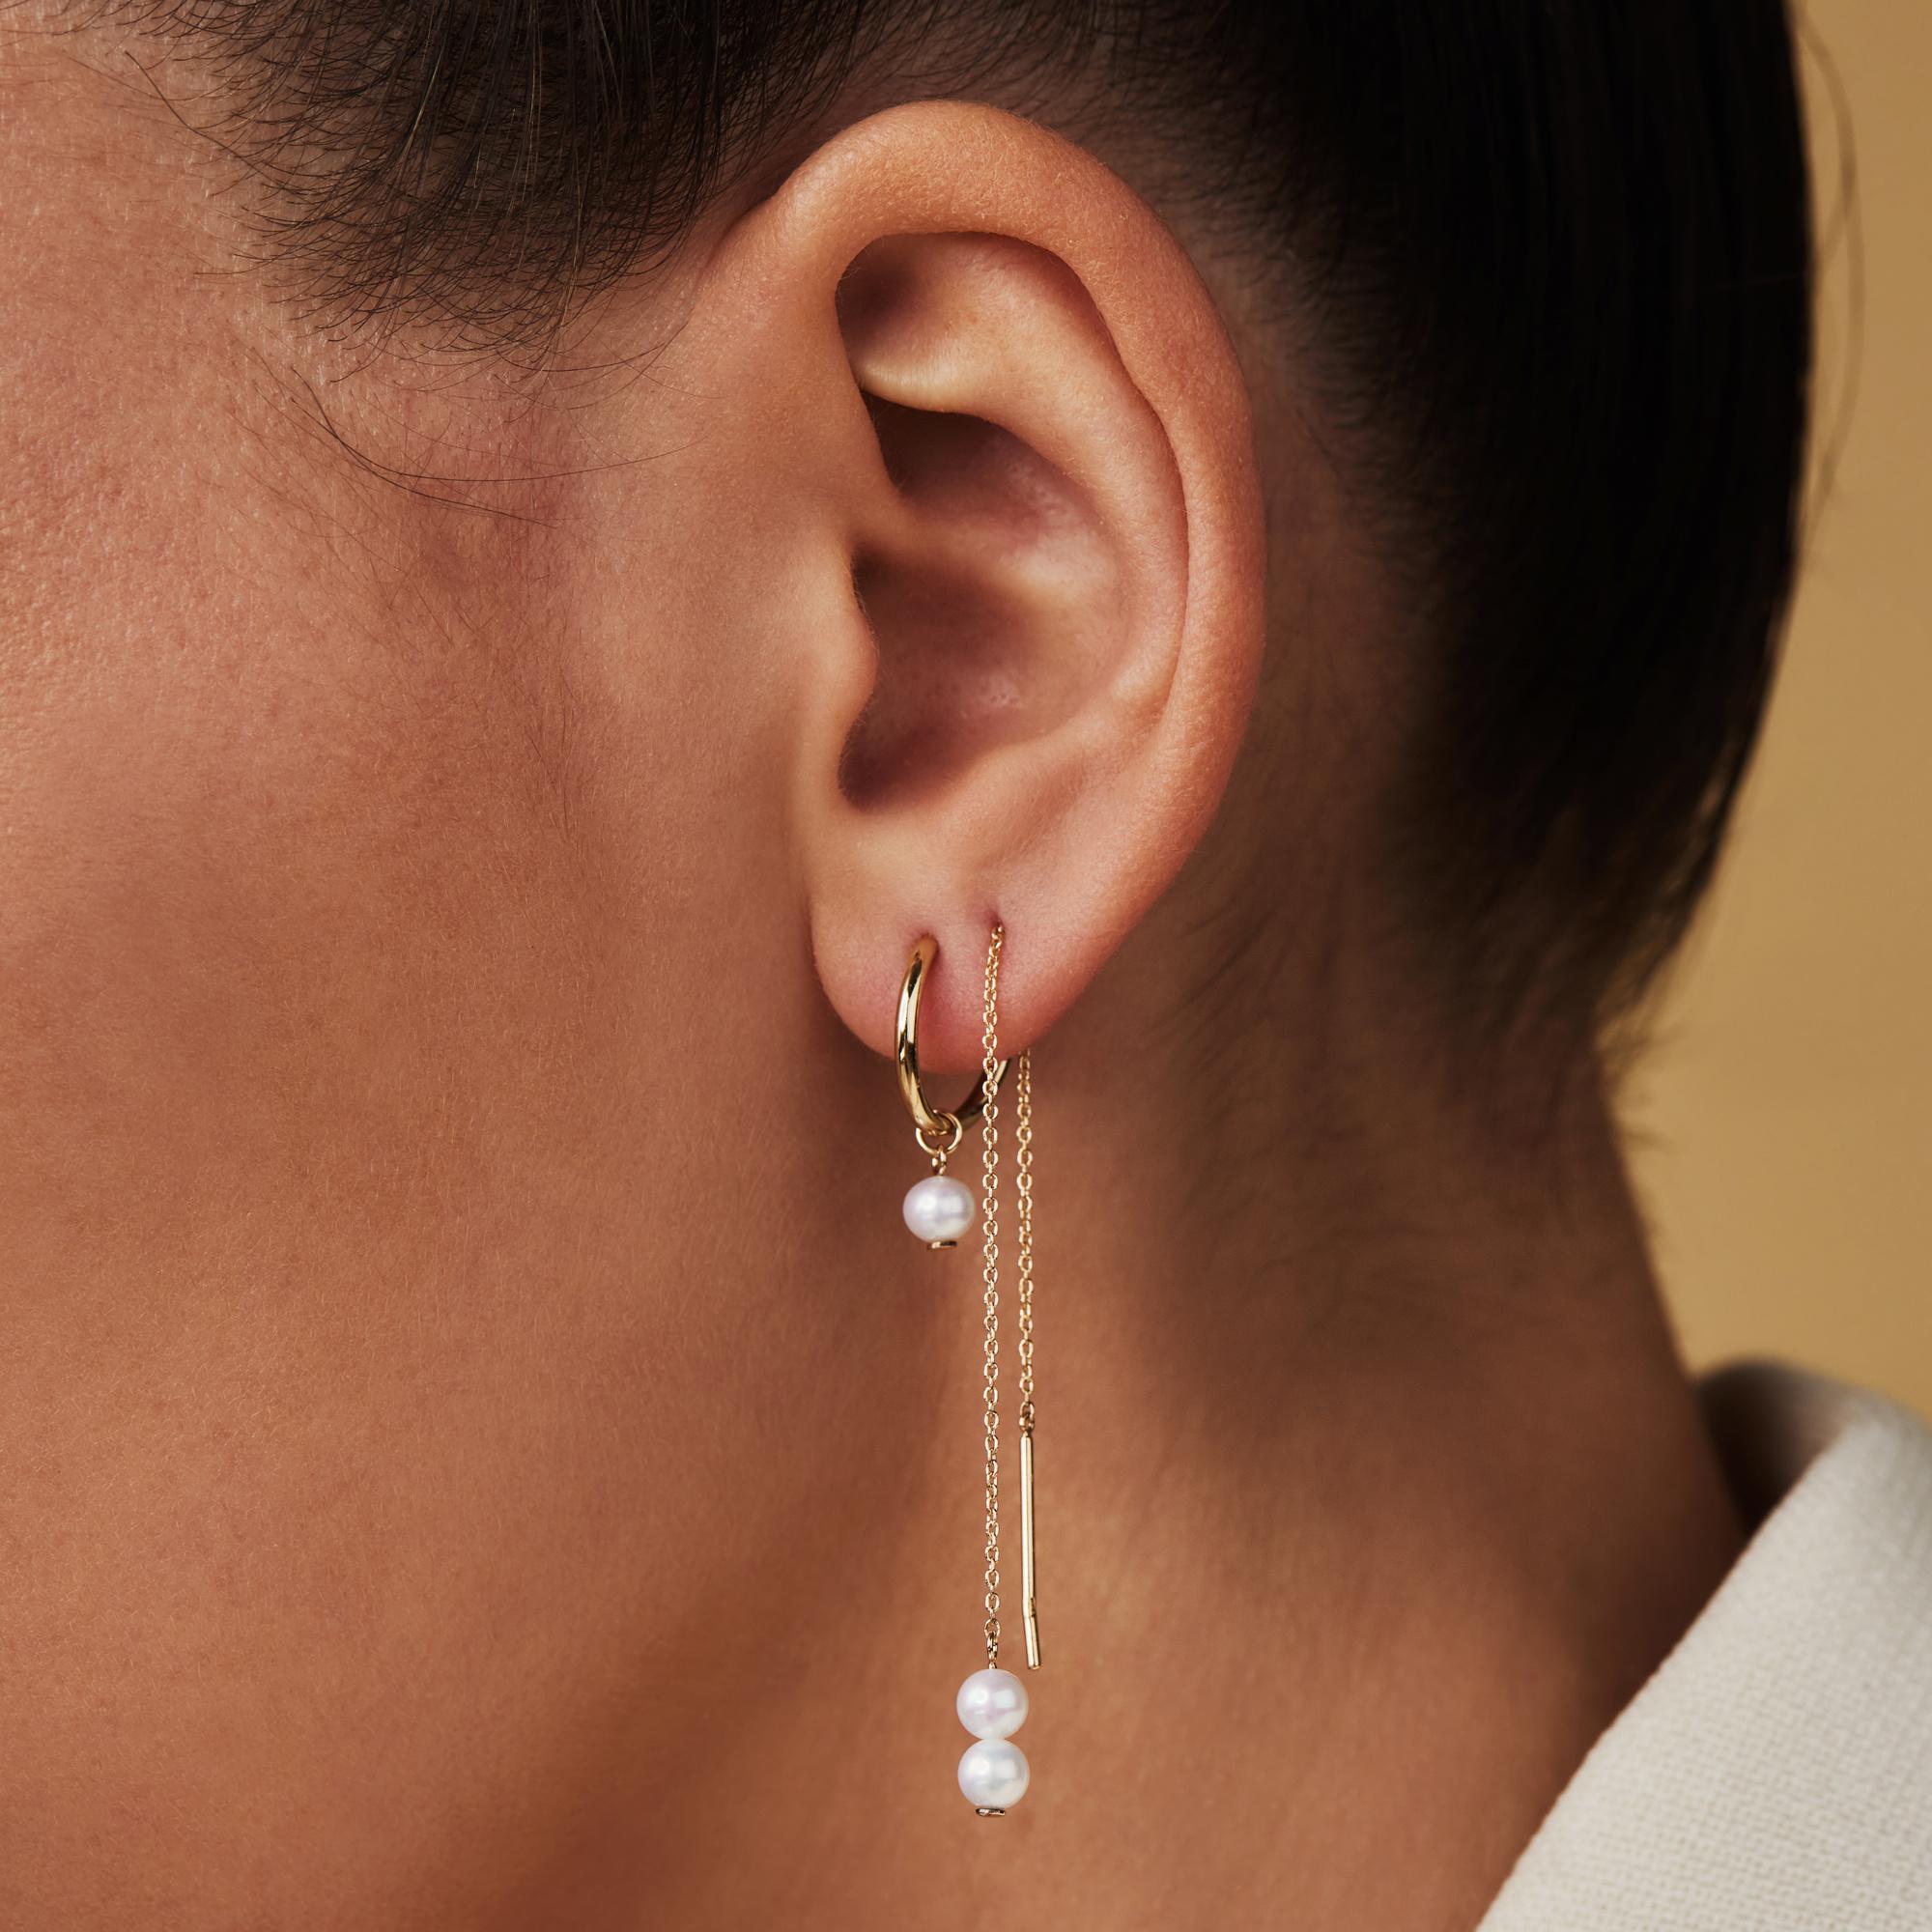 Isabel Bernard Belleville Luna 14 karat gold drop earrings with freshwater pearl